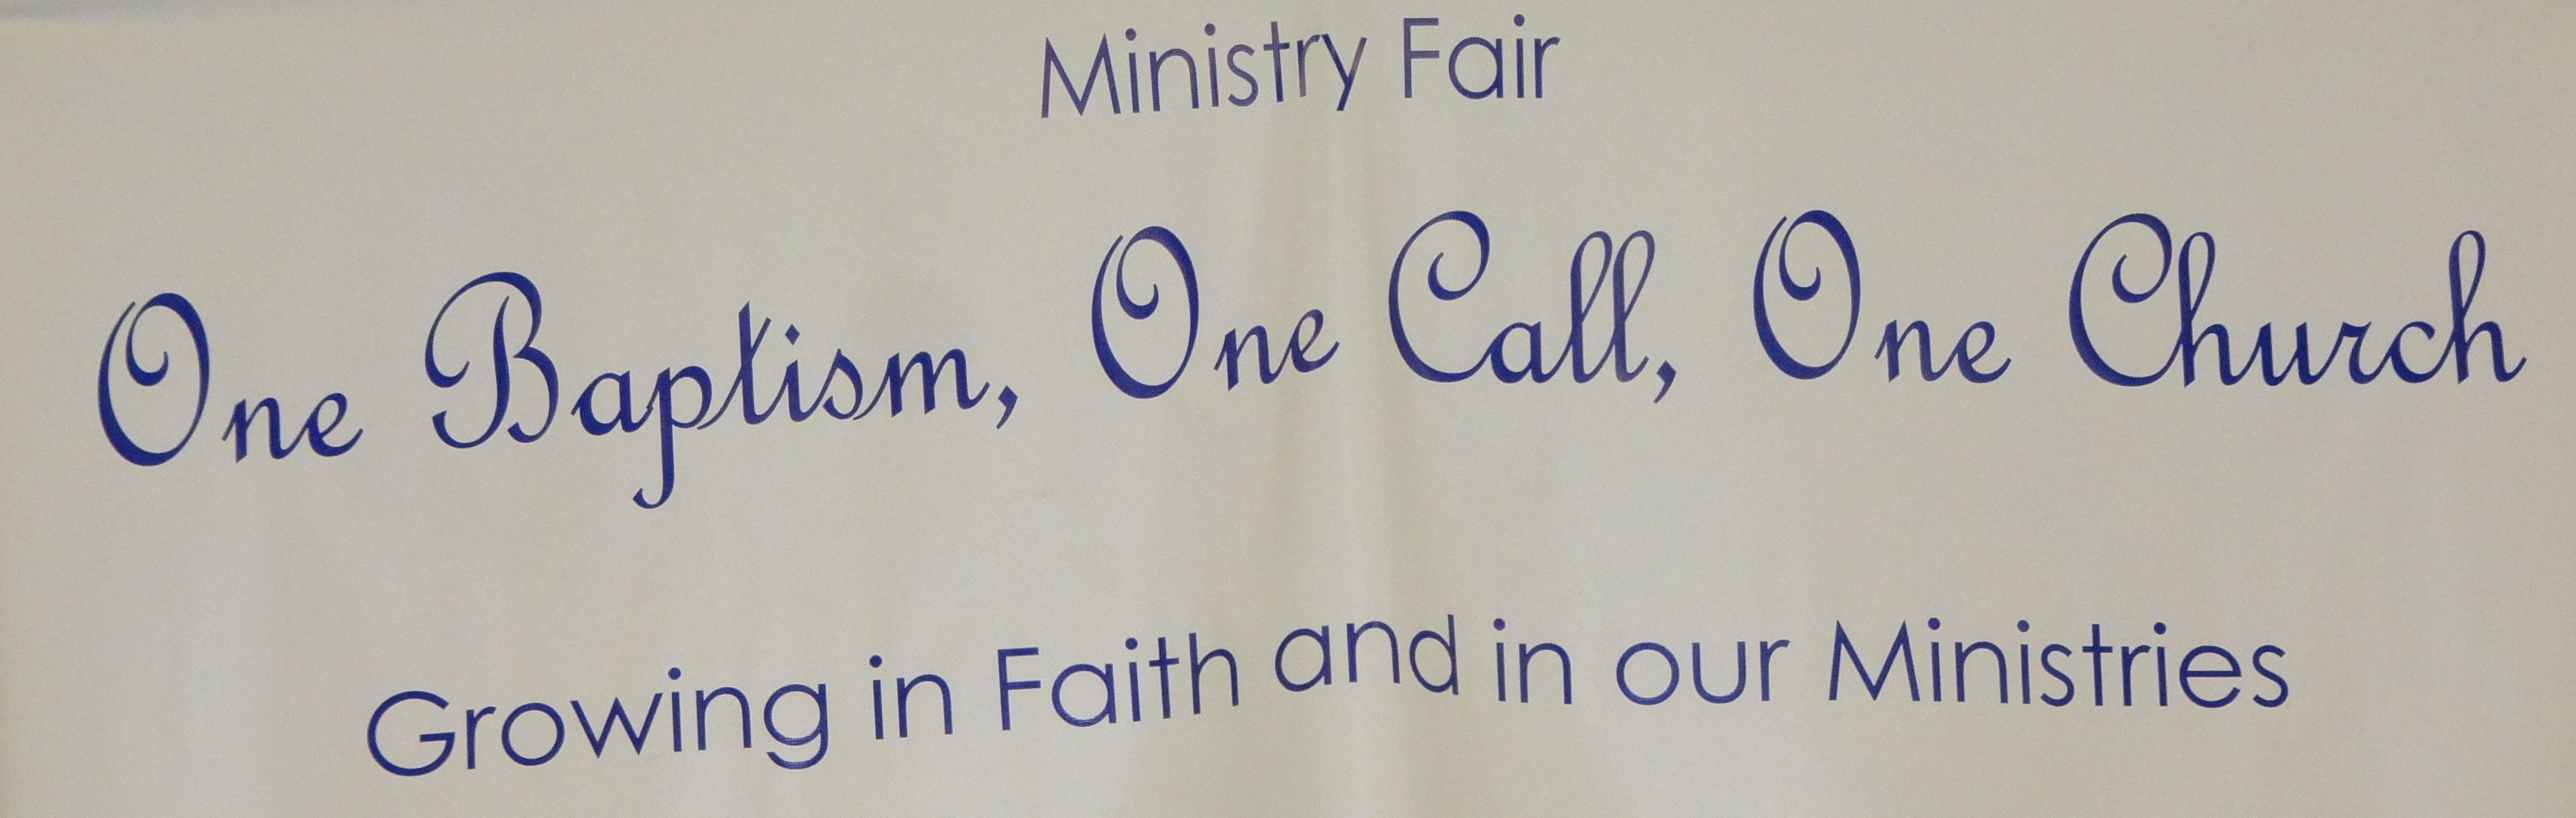 Ministry Fair 2015 Photos